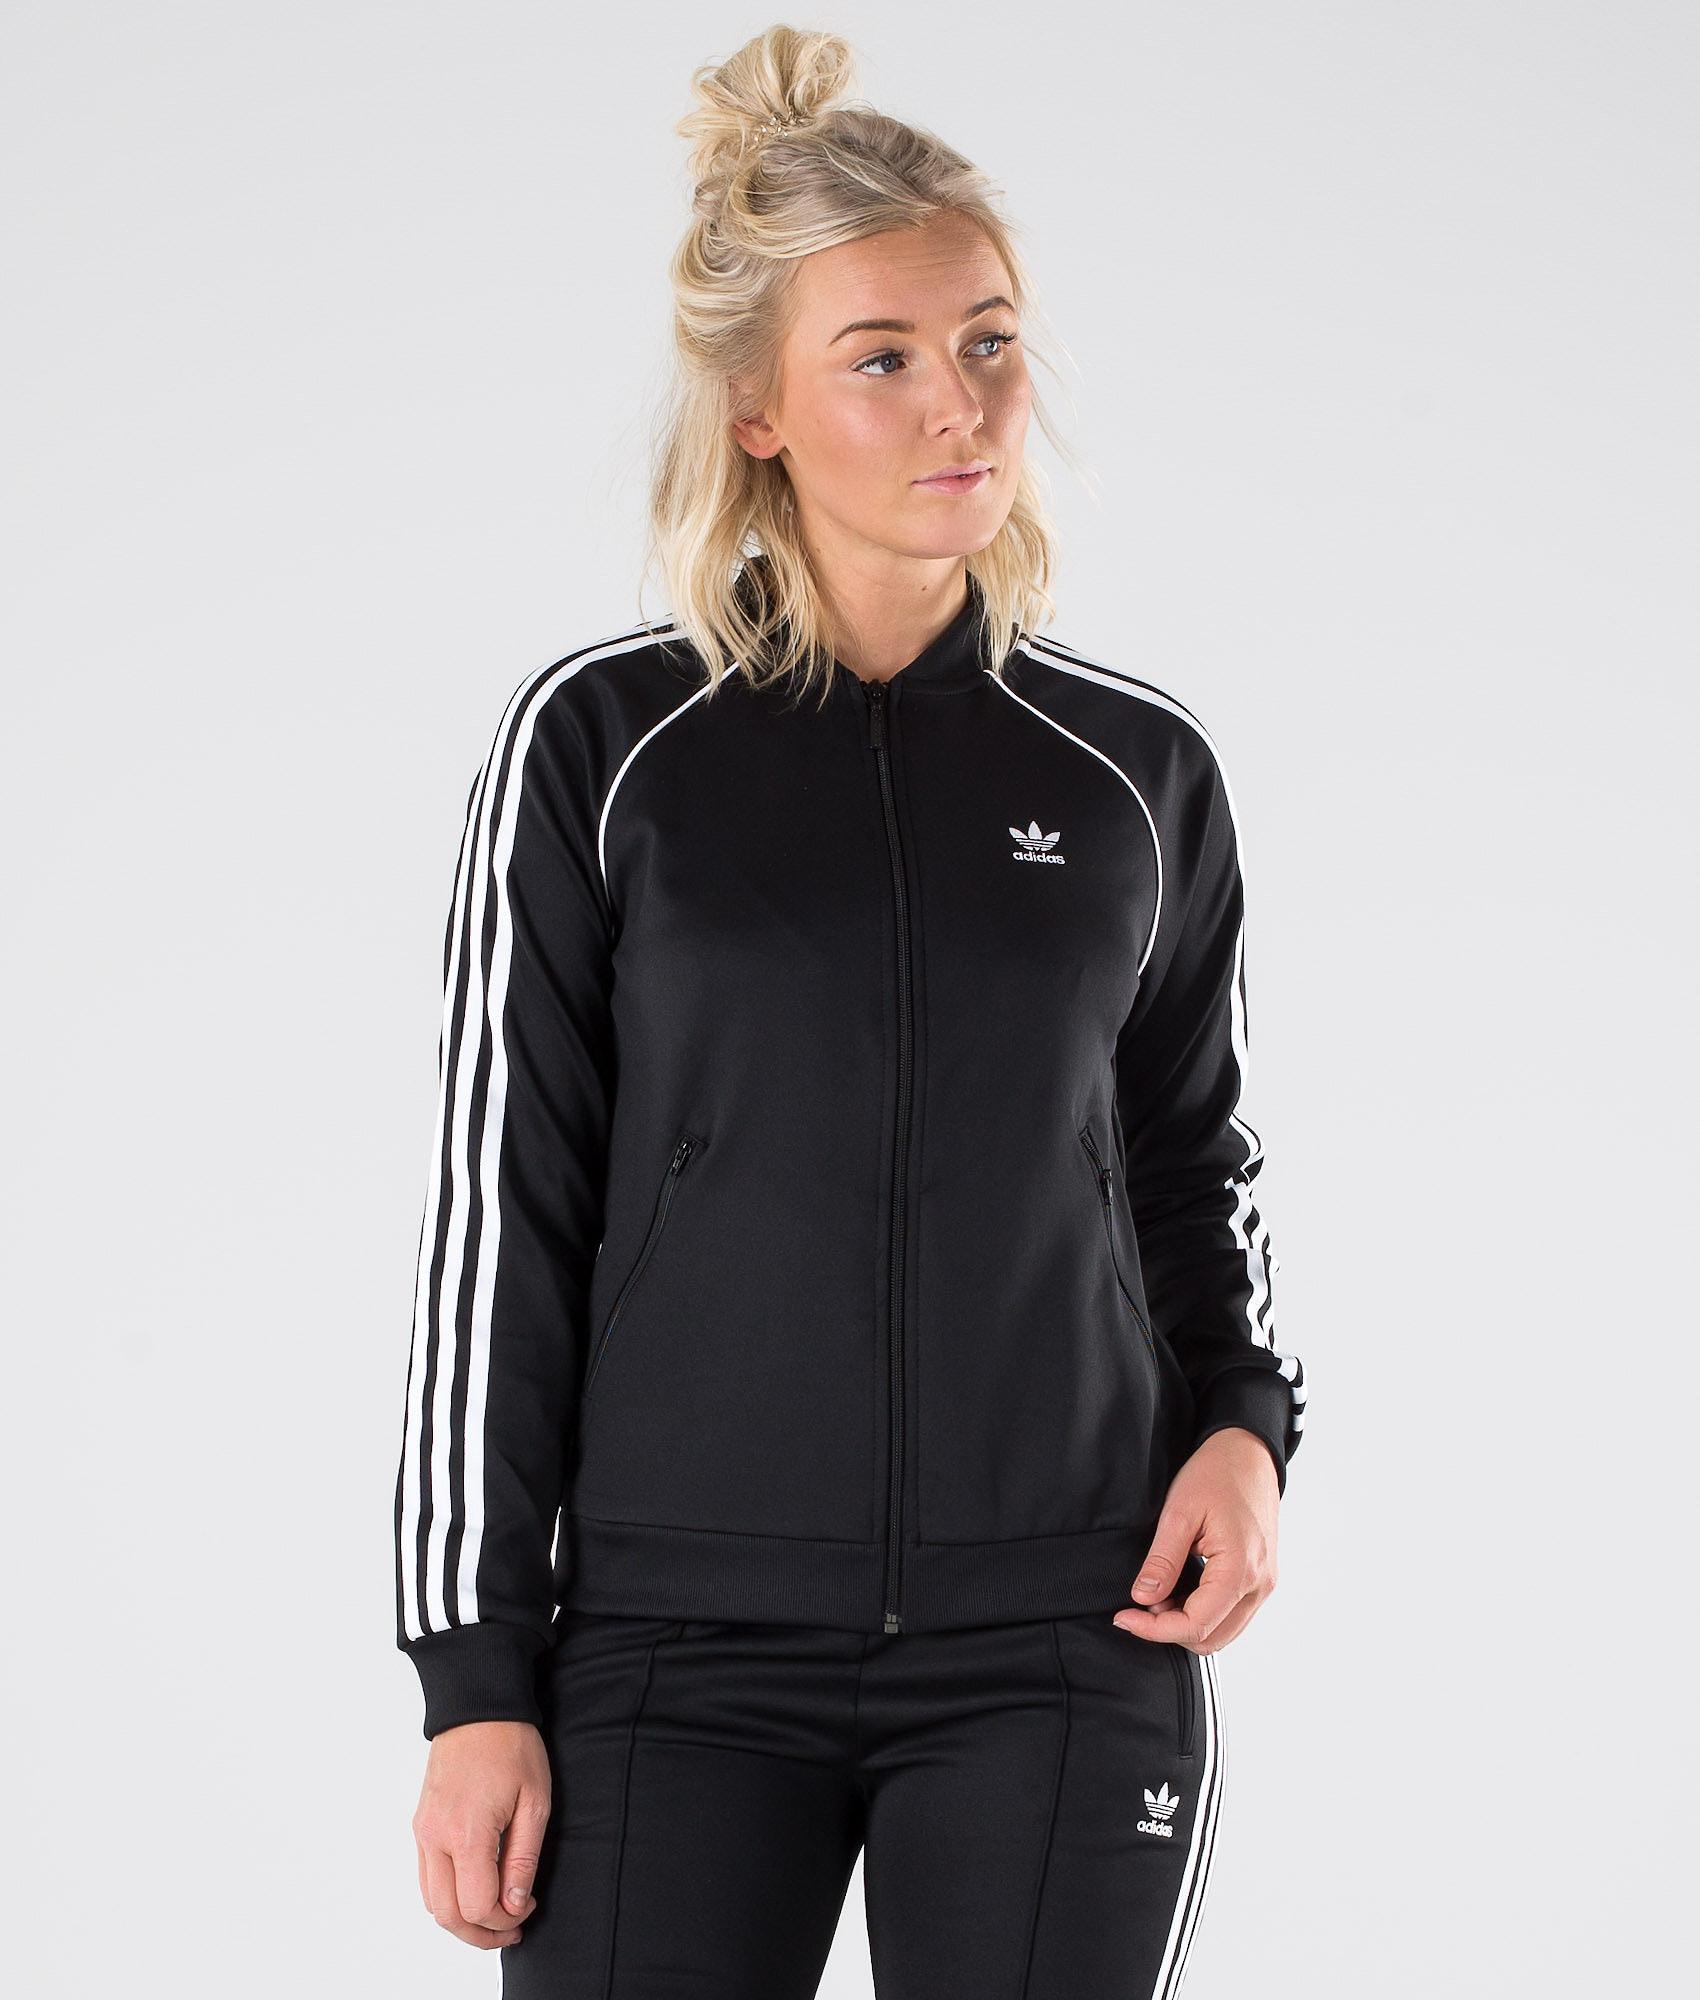 da0d3523 Adidas Originals